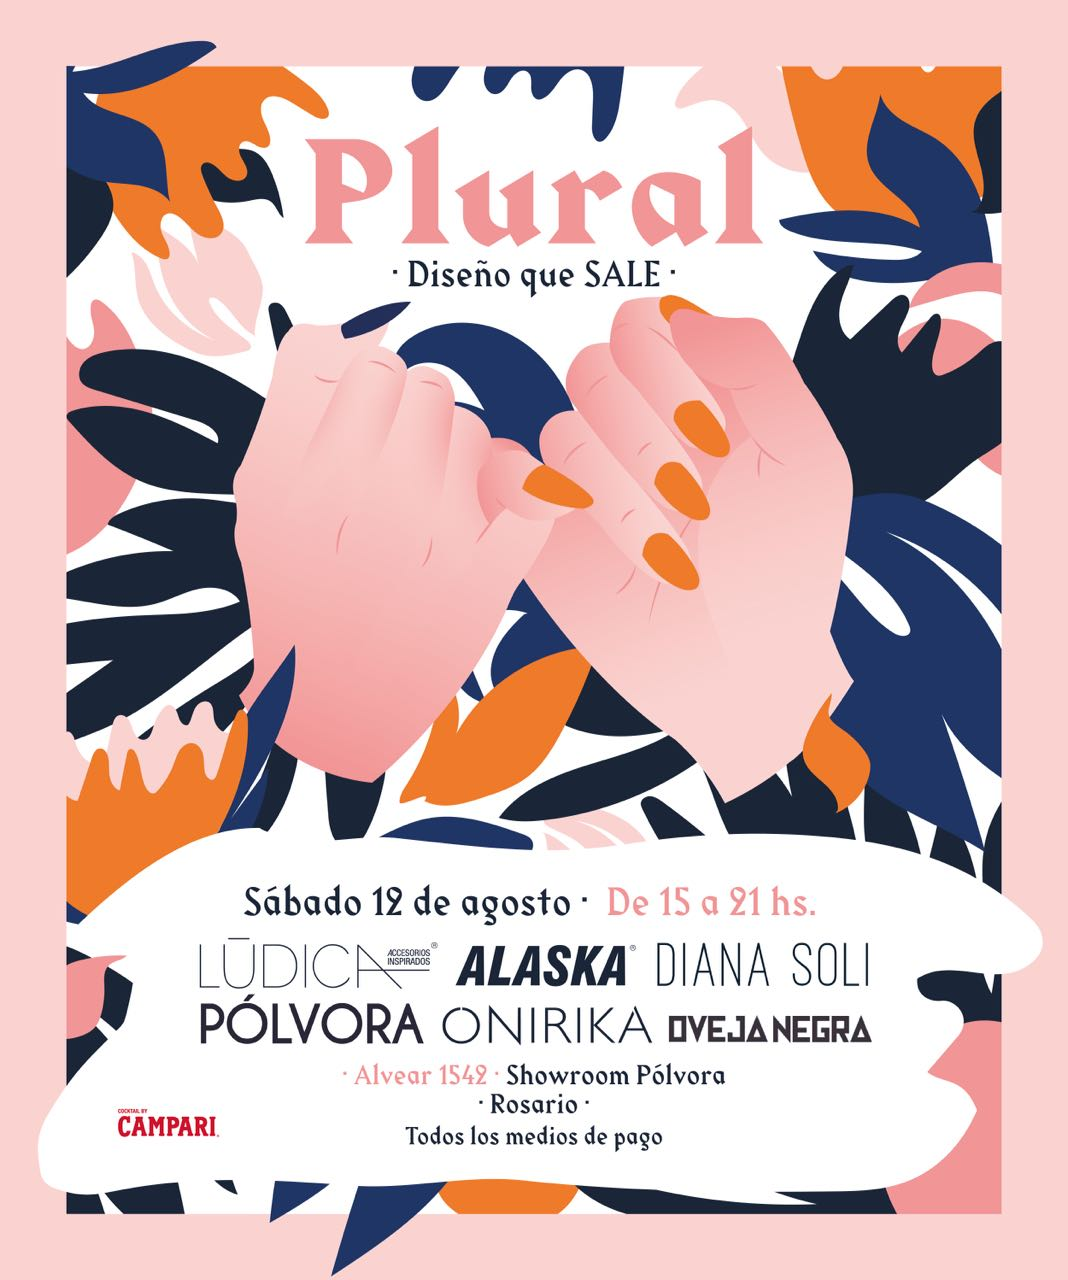 Comunión Córdoba y Santa Fe en PLURAL: diseño que SALE